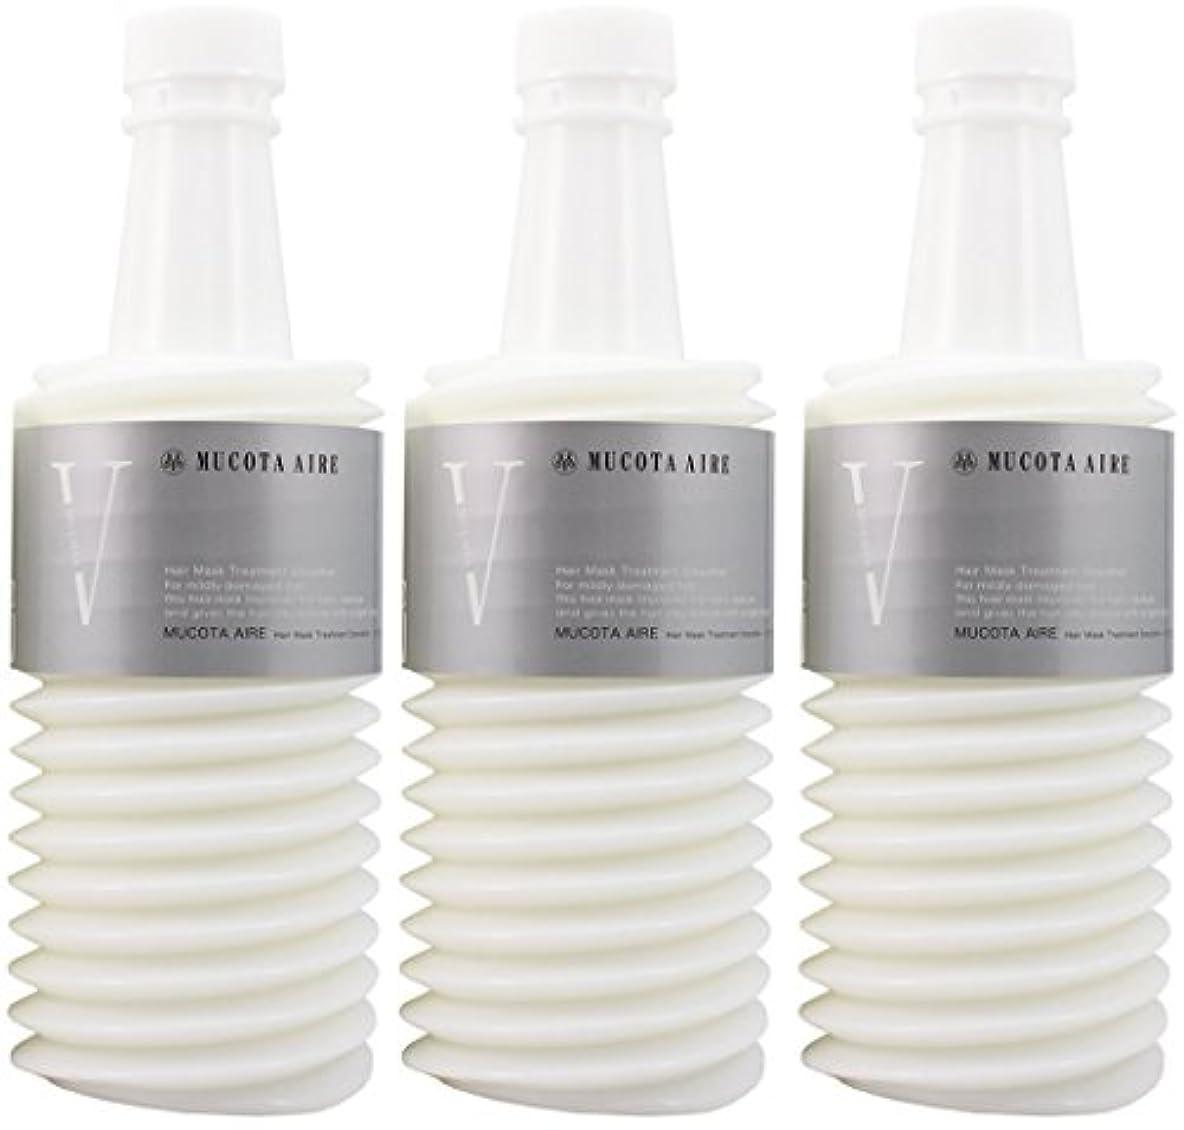 オンス酸化するあいまいな【X3個セット】 ムコタ アデューラ アイレ05 ヘアマスクトリートメント スムーサー 700g (レフィル)